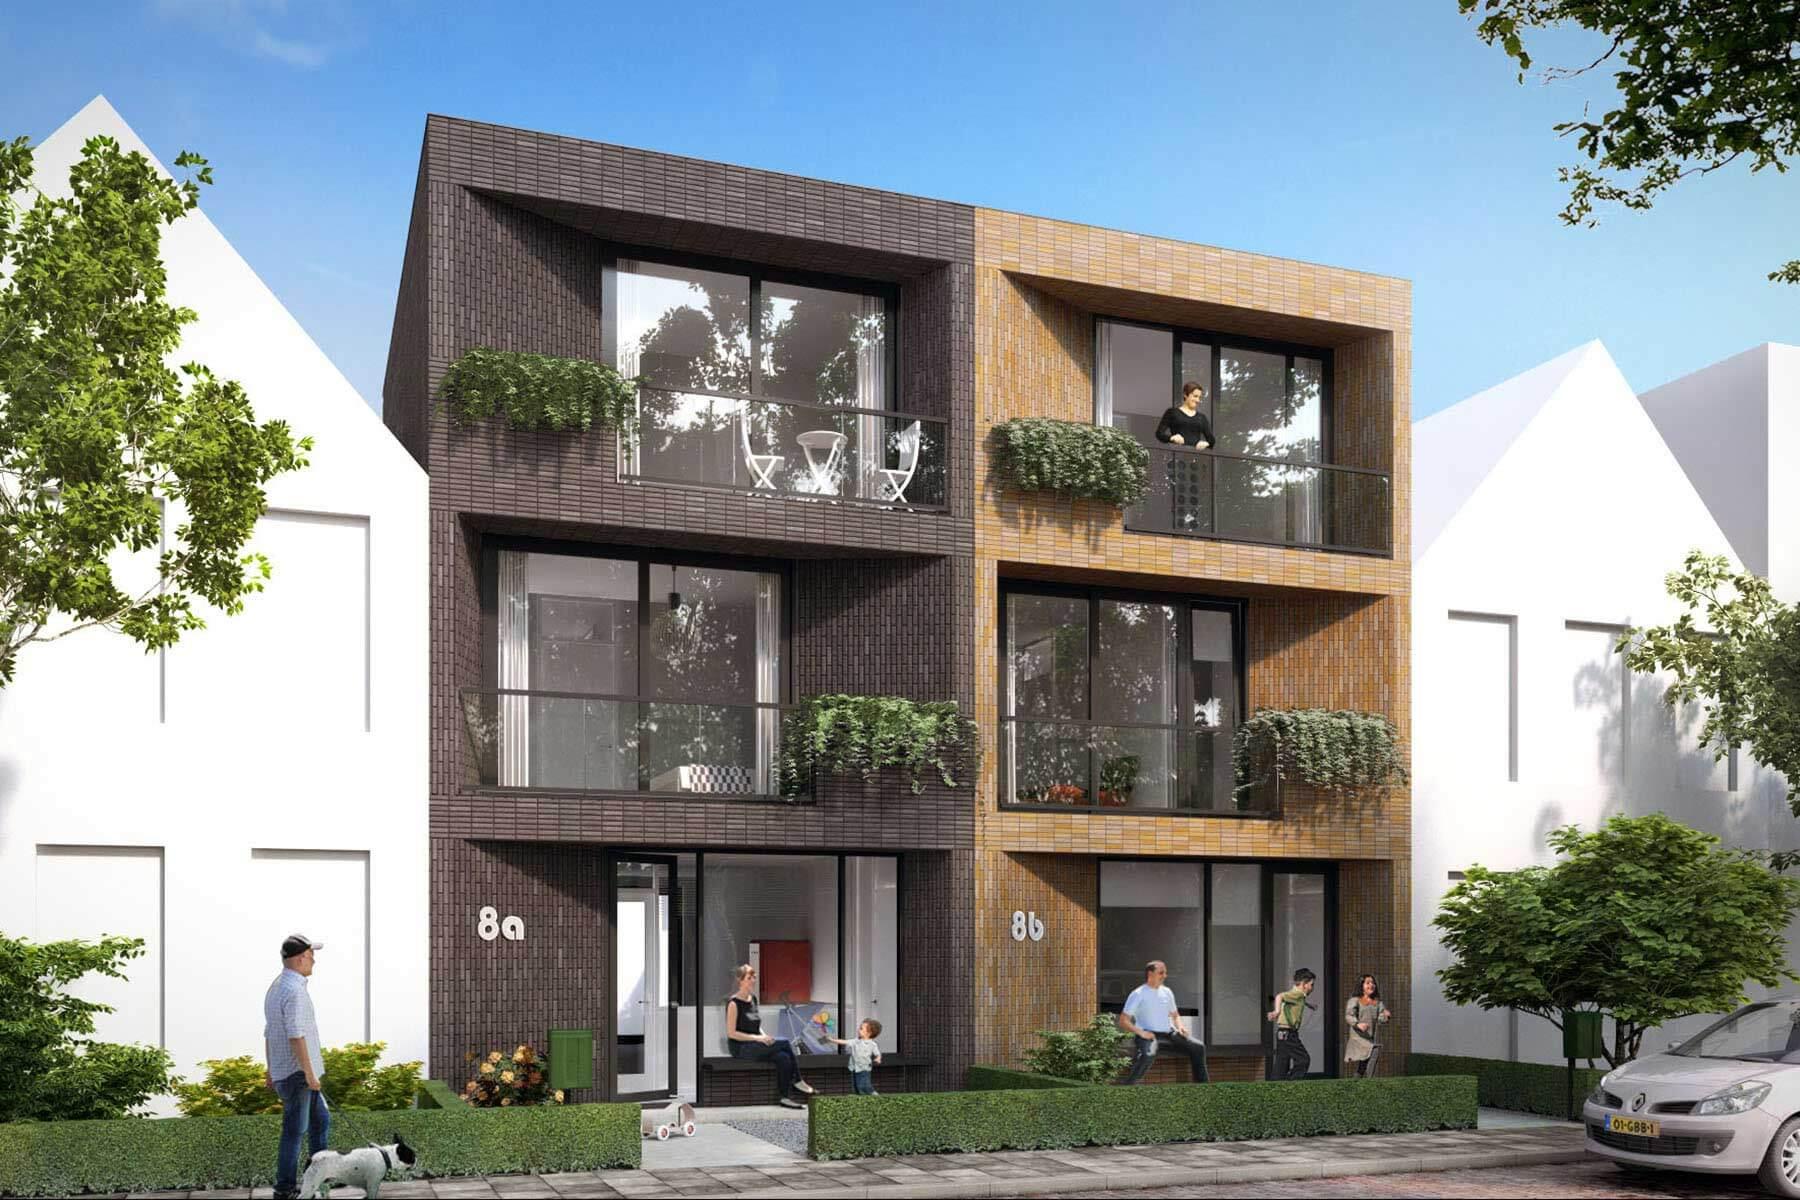 8A Architecten - Zelfbouw woning Loggia house, Kavelwoning.nl